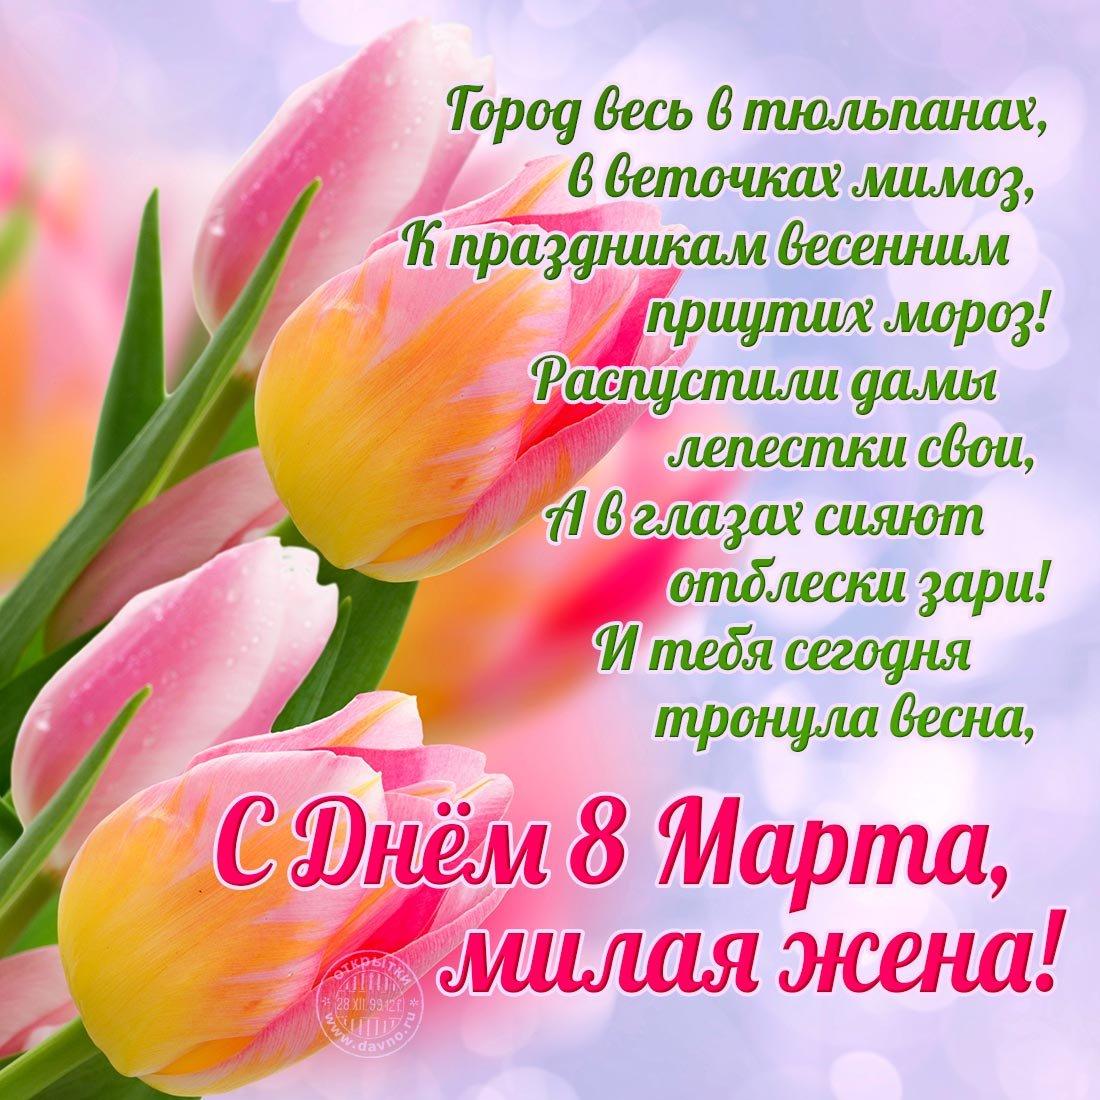 Музыкальное поздравление для жены на 8 марта, открытка